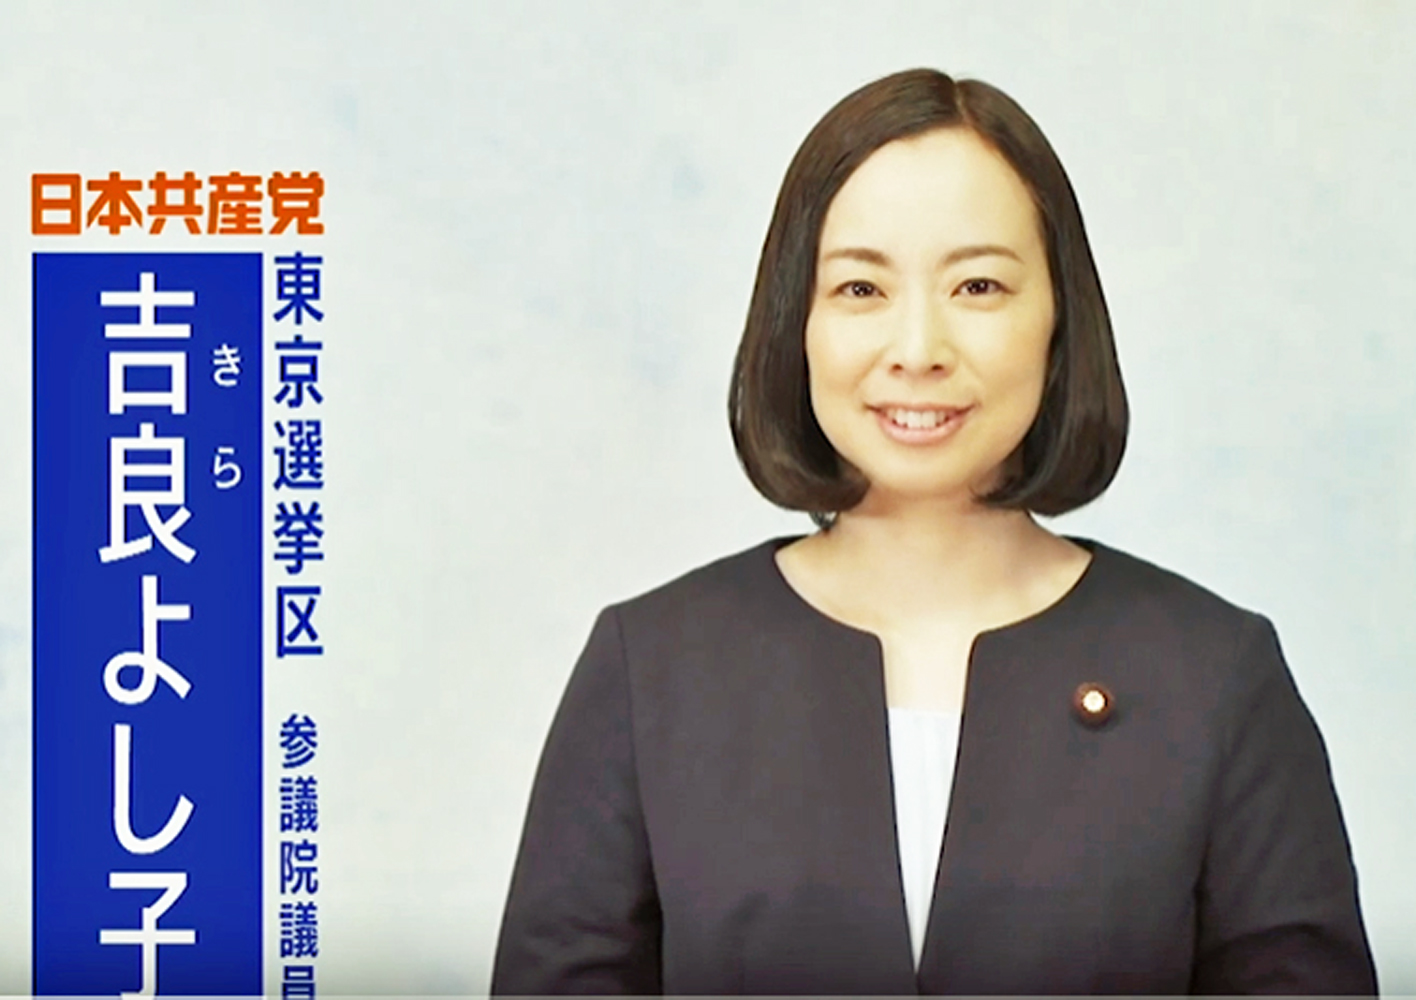 吉良よし子の政見放送